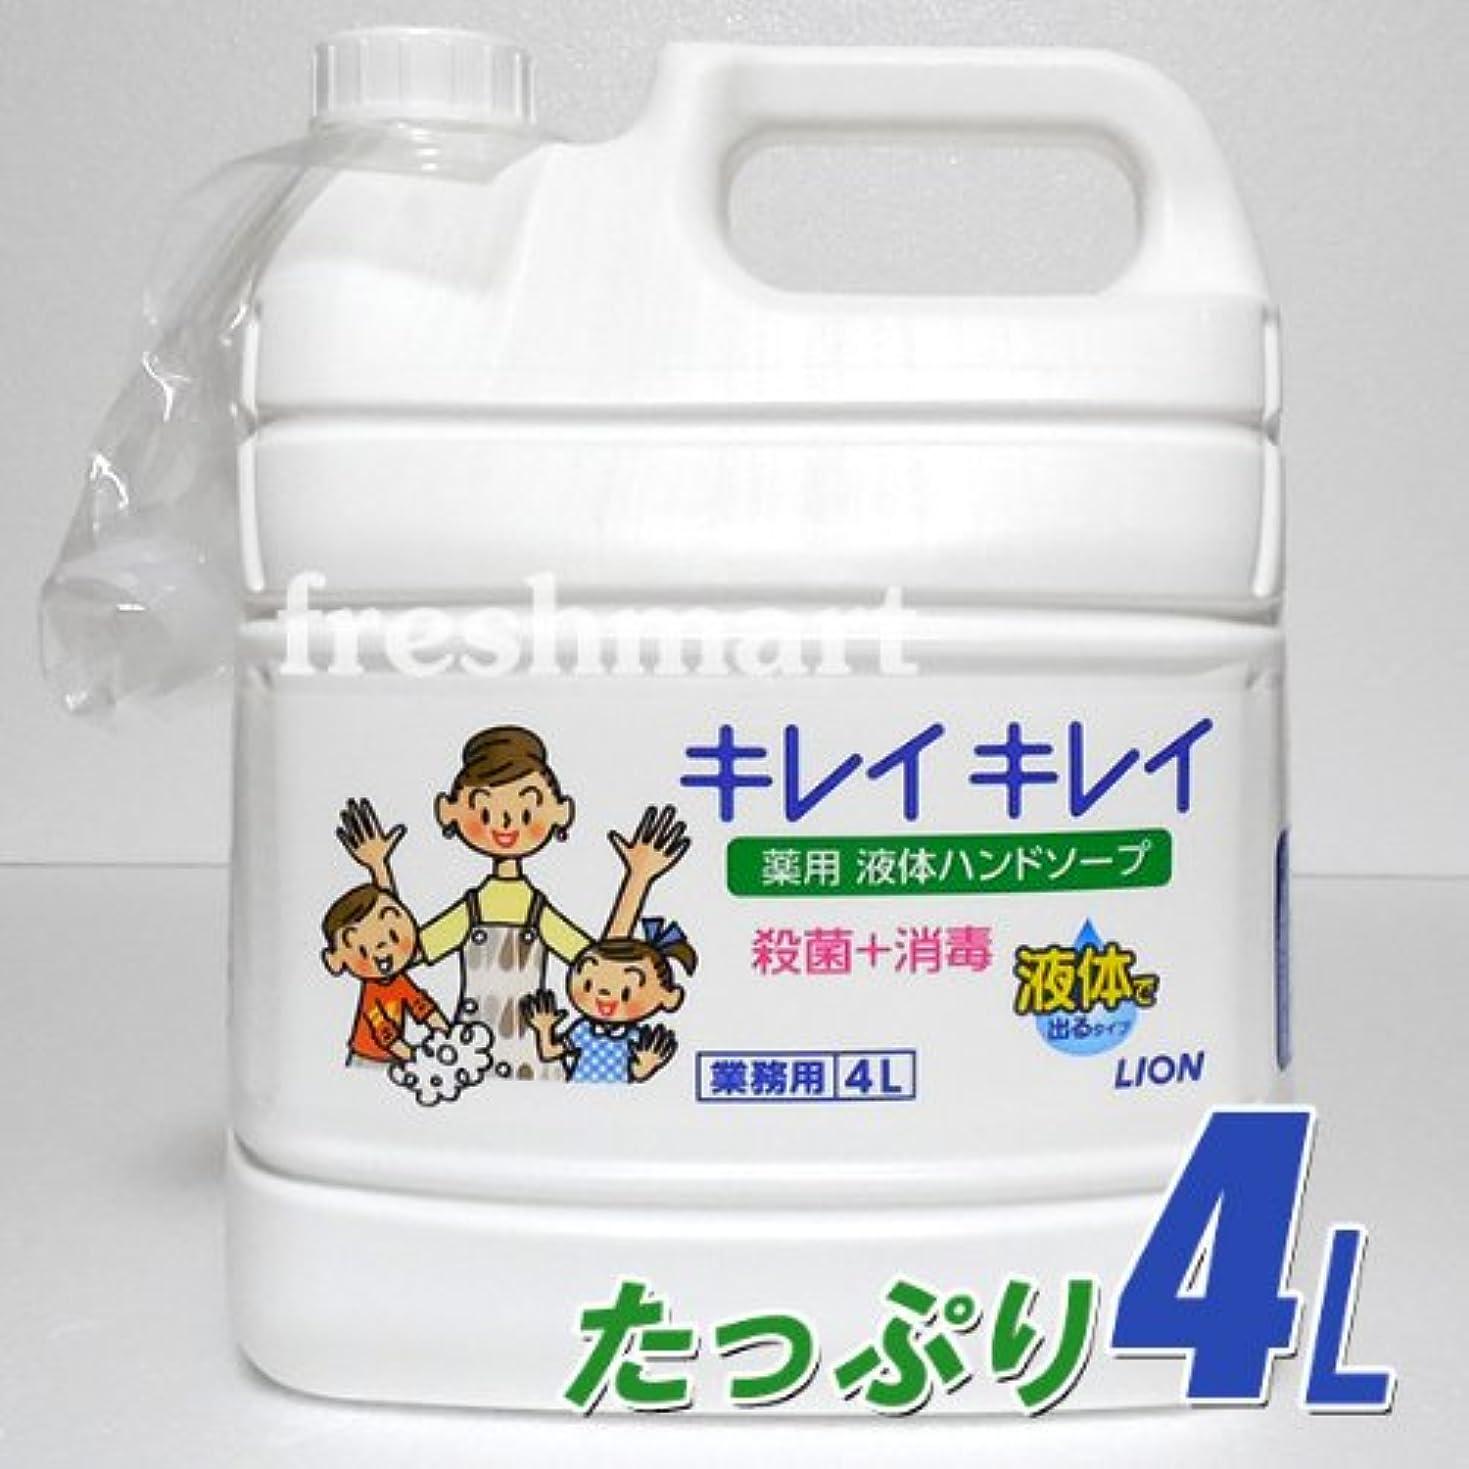 毒性イブニングカニ☆100%植物性洗浄成分使用☆ ライオン キレイキレイ 薬用液体ハンドソープ つめかえ用4L 業務用 大容量 ボトル